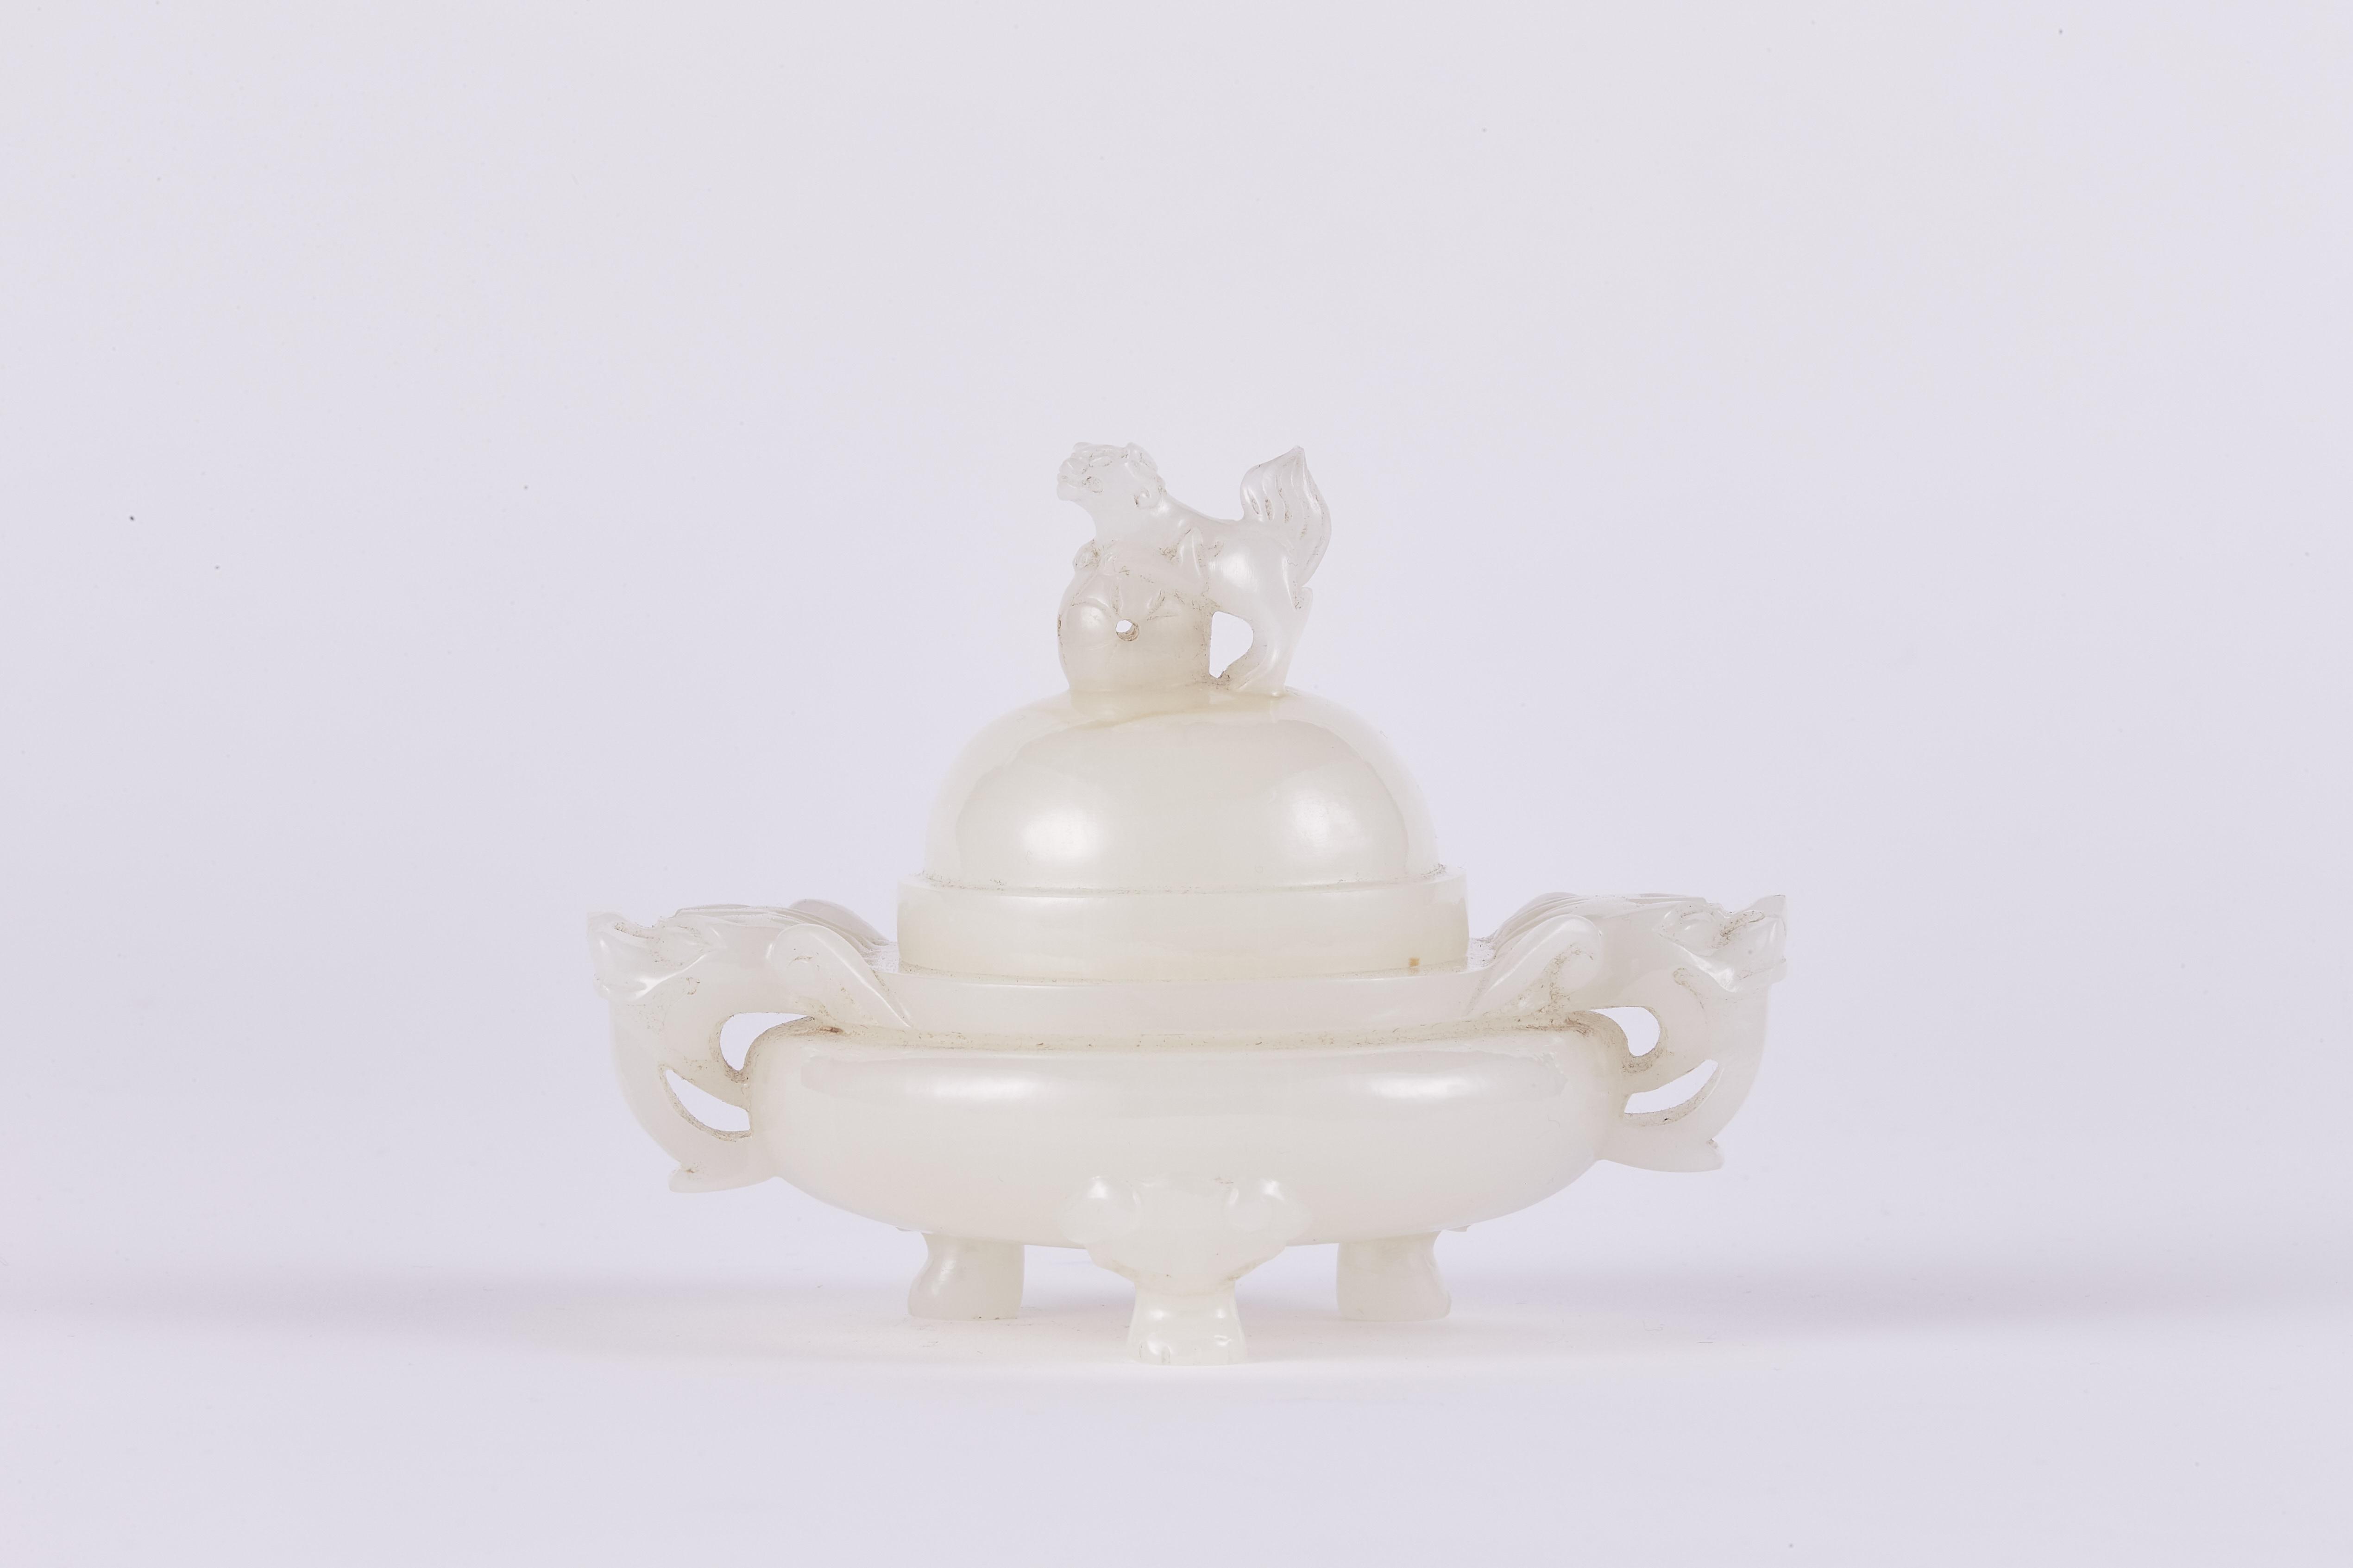 171342清十九世紀 白玉雕 獅子鈕 獣耳蓋爐